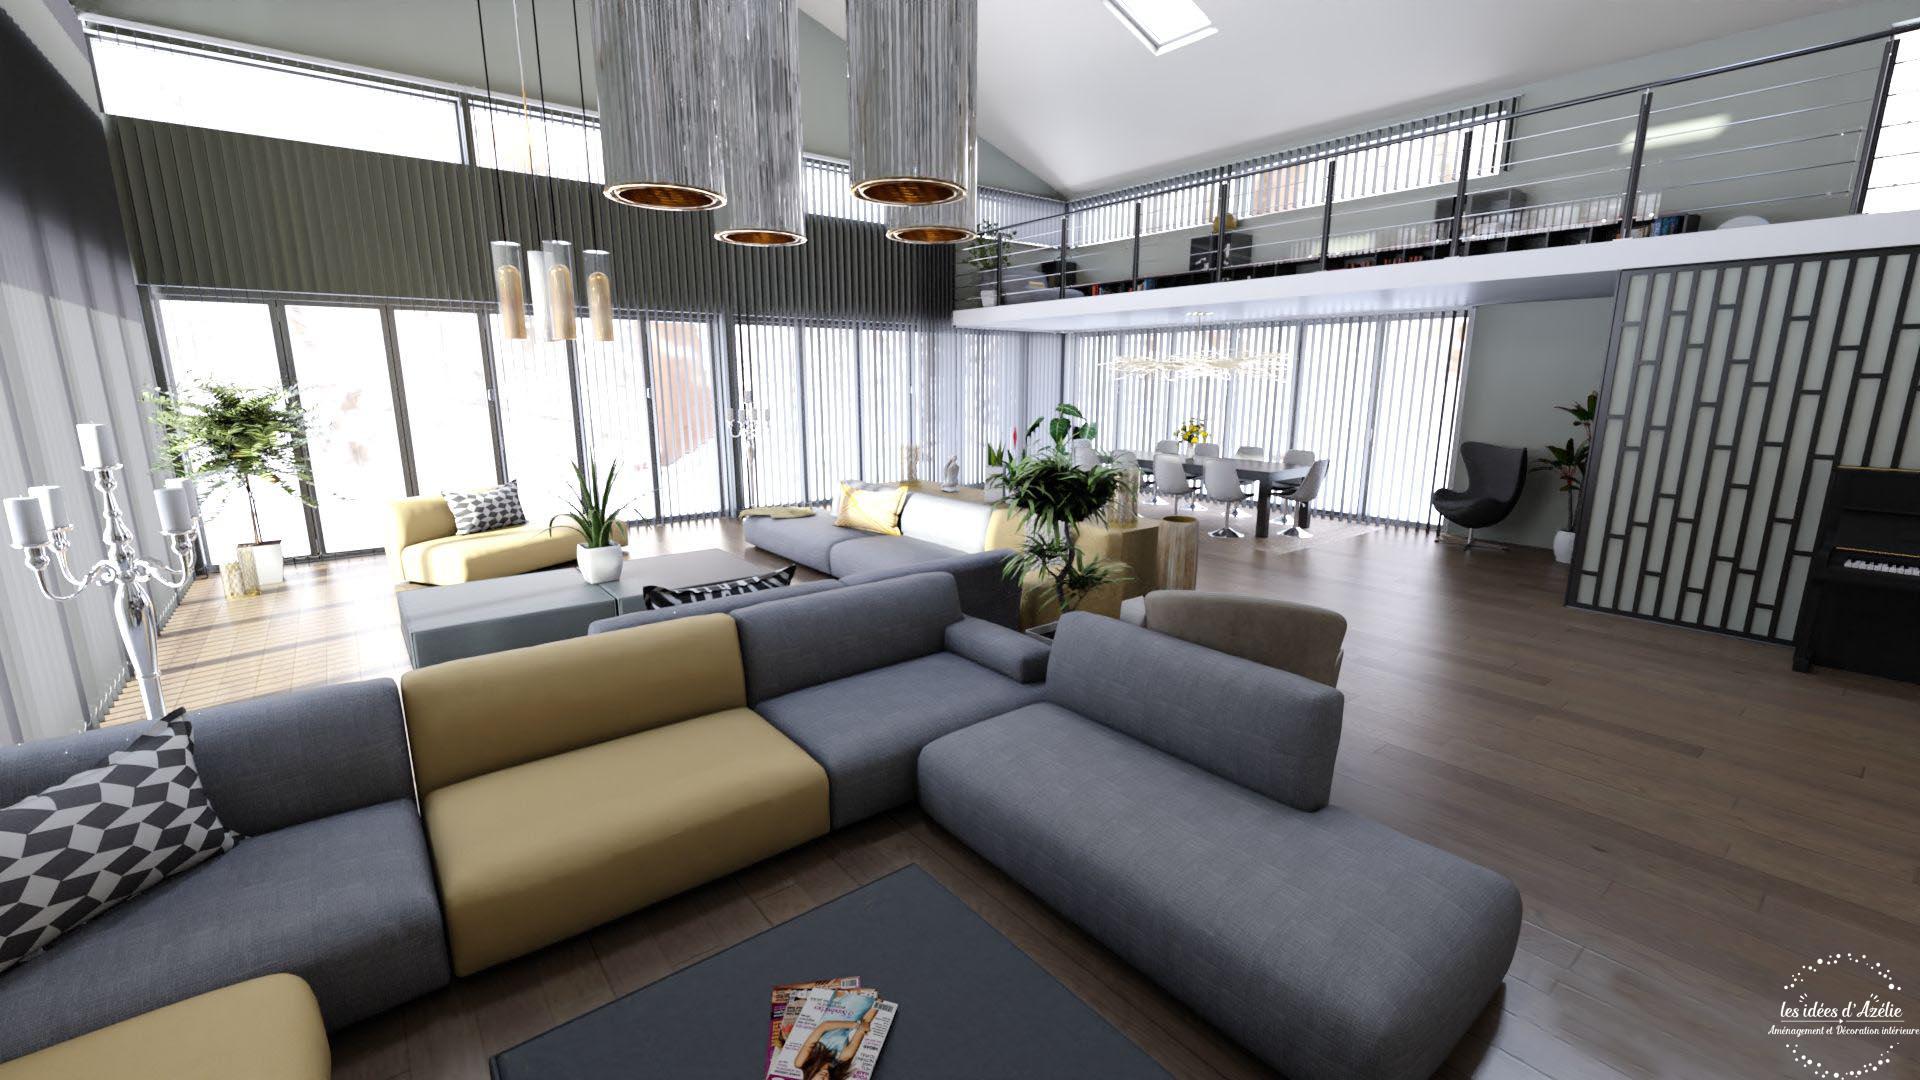 Salon et salle à manger - visuel 3D